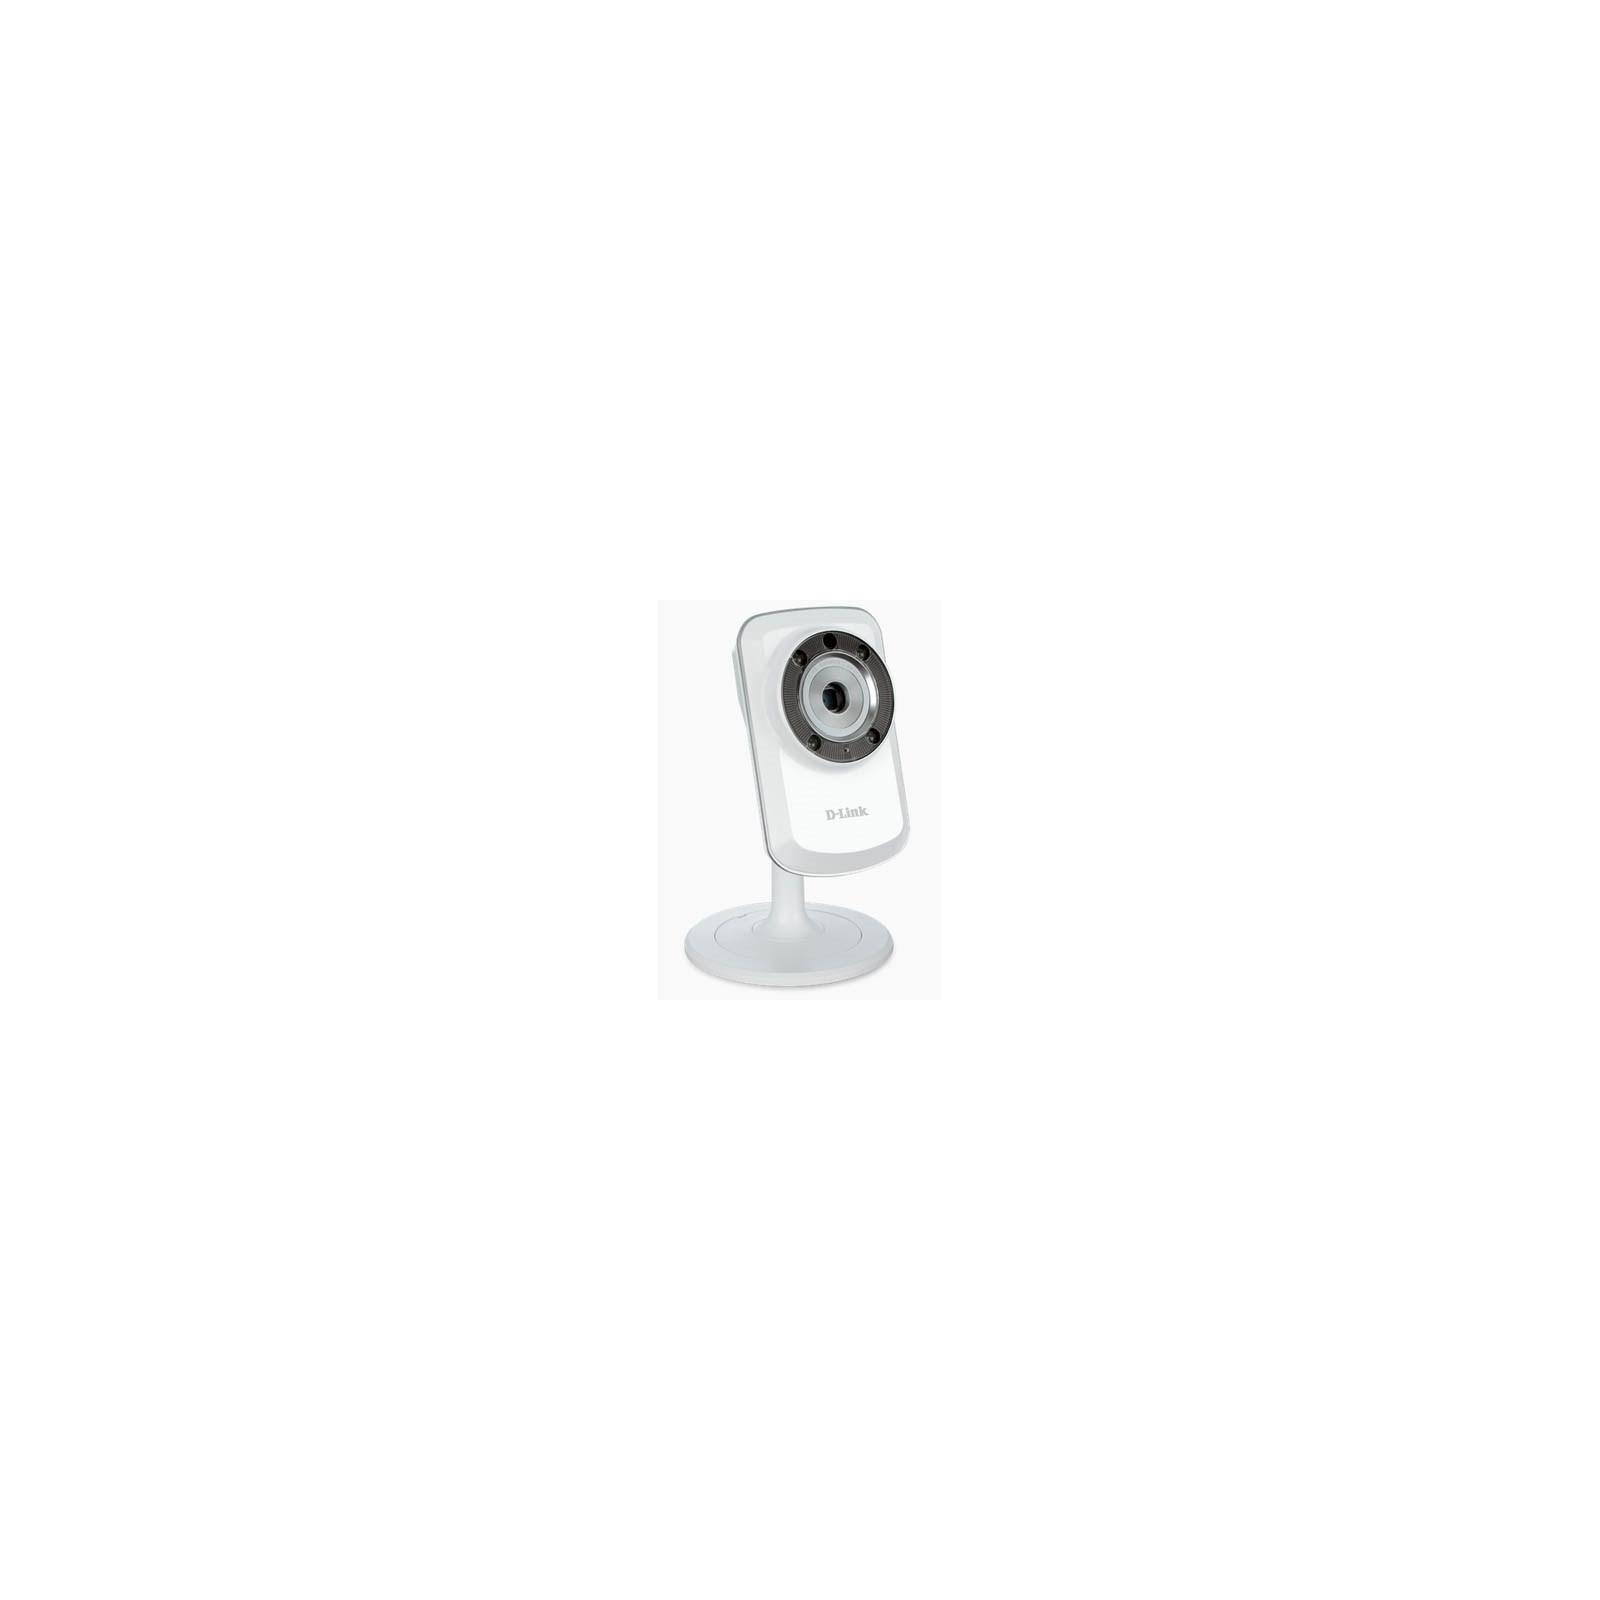 Сетевая камера D-Link DCS-933L